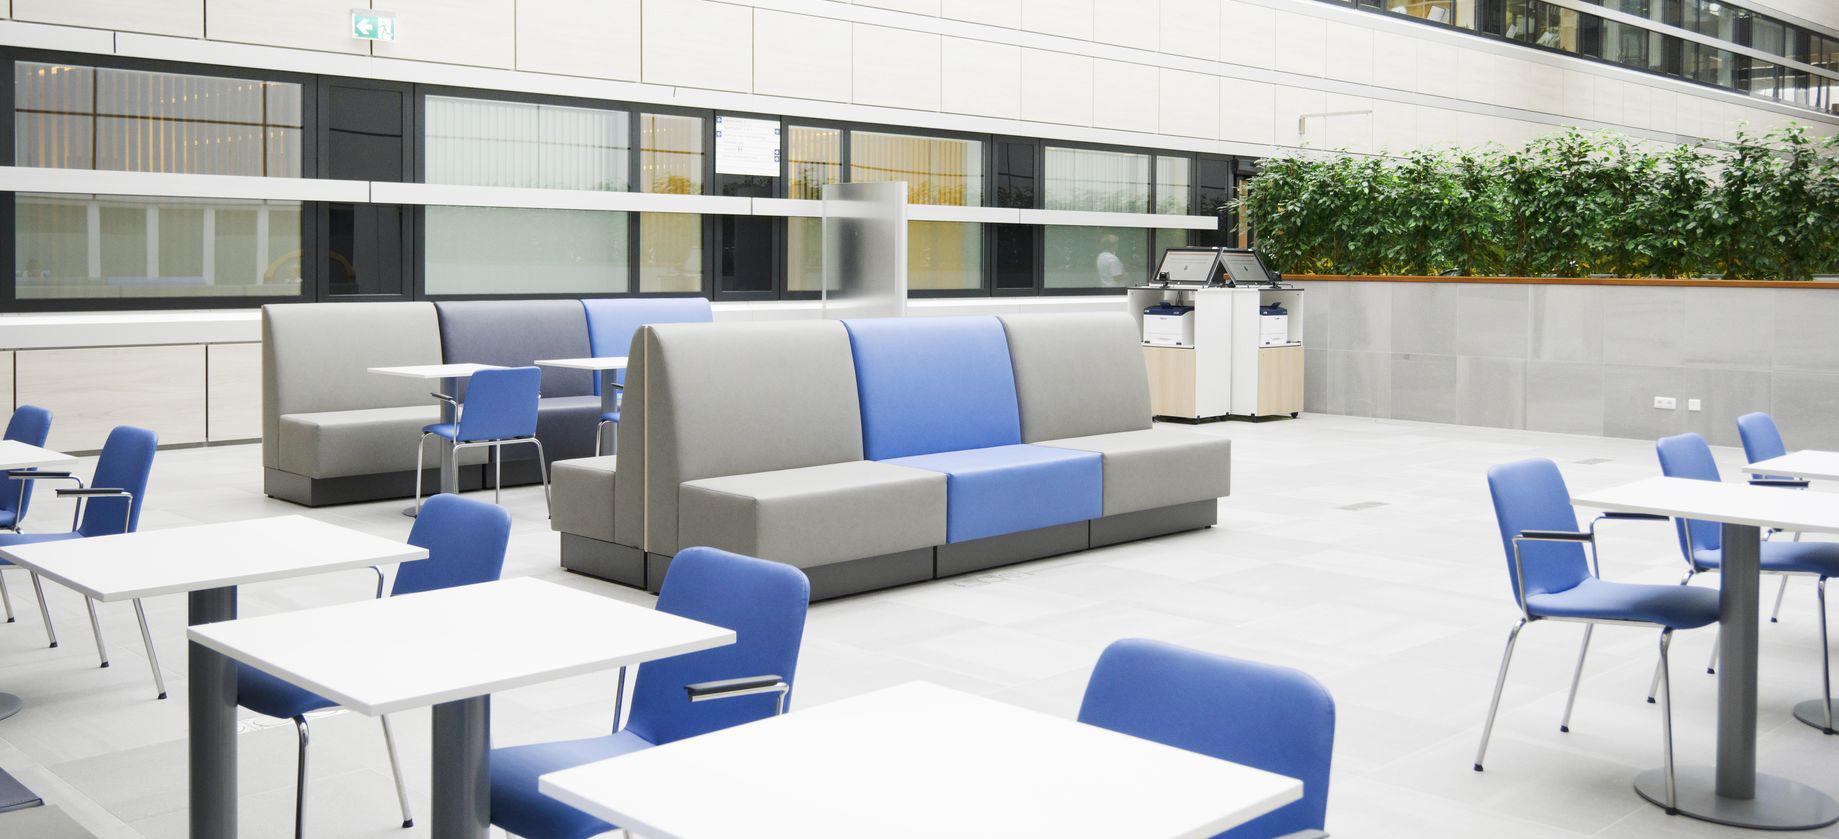 Vepa kantoormeubelen Den Haag ontvangstmeubilair Heering Office